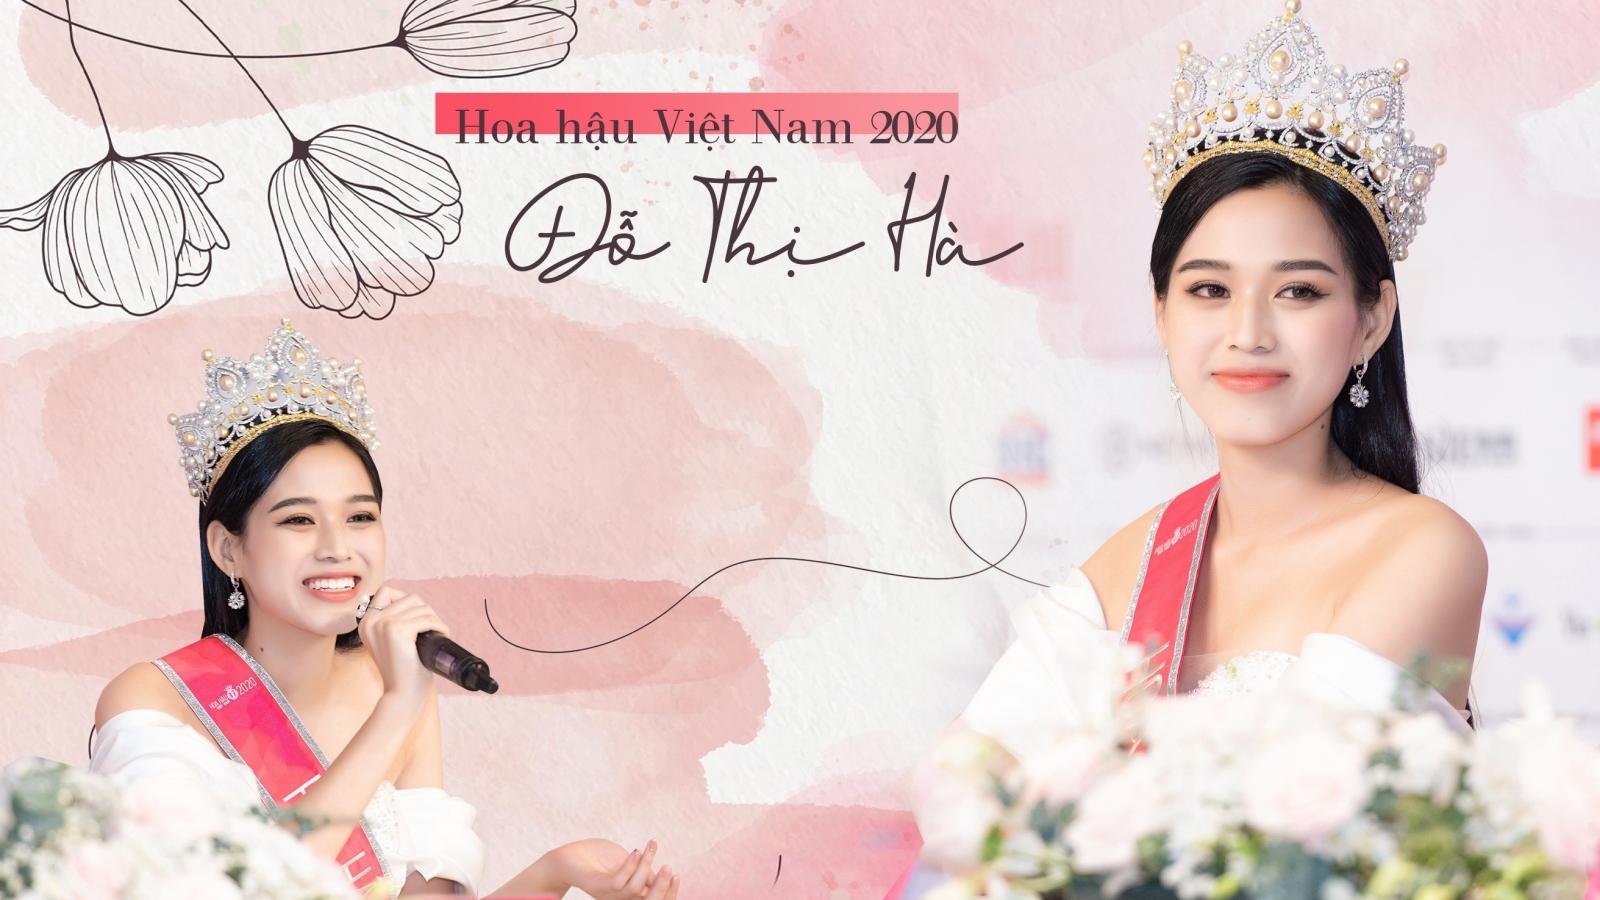 """Hoa hậu Việt Nam Đỗ Thị Hà: """"Tôi mong thực hiện được nhiều dự án Nhân ái"""""""